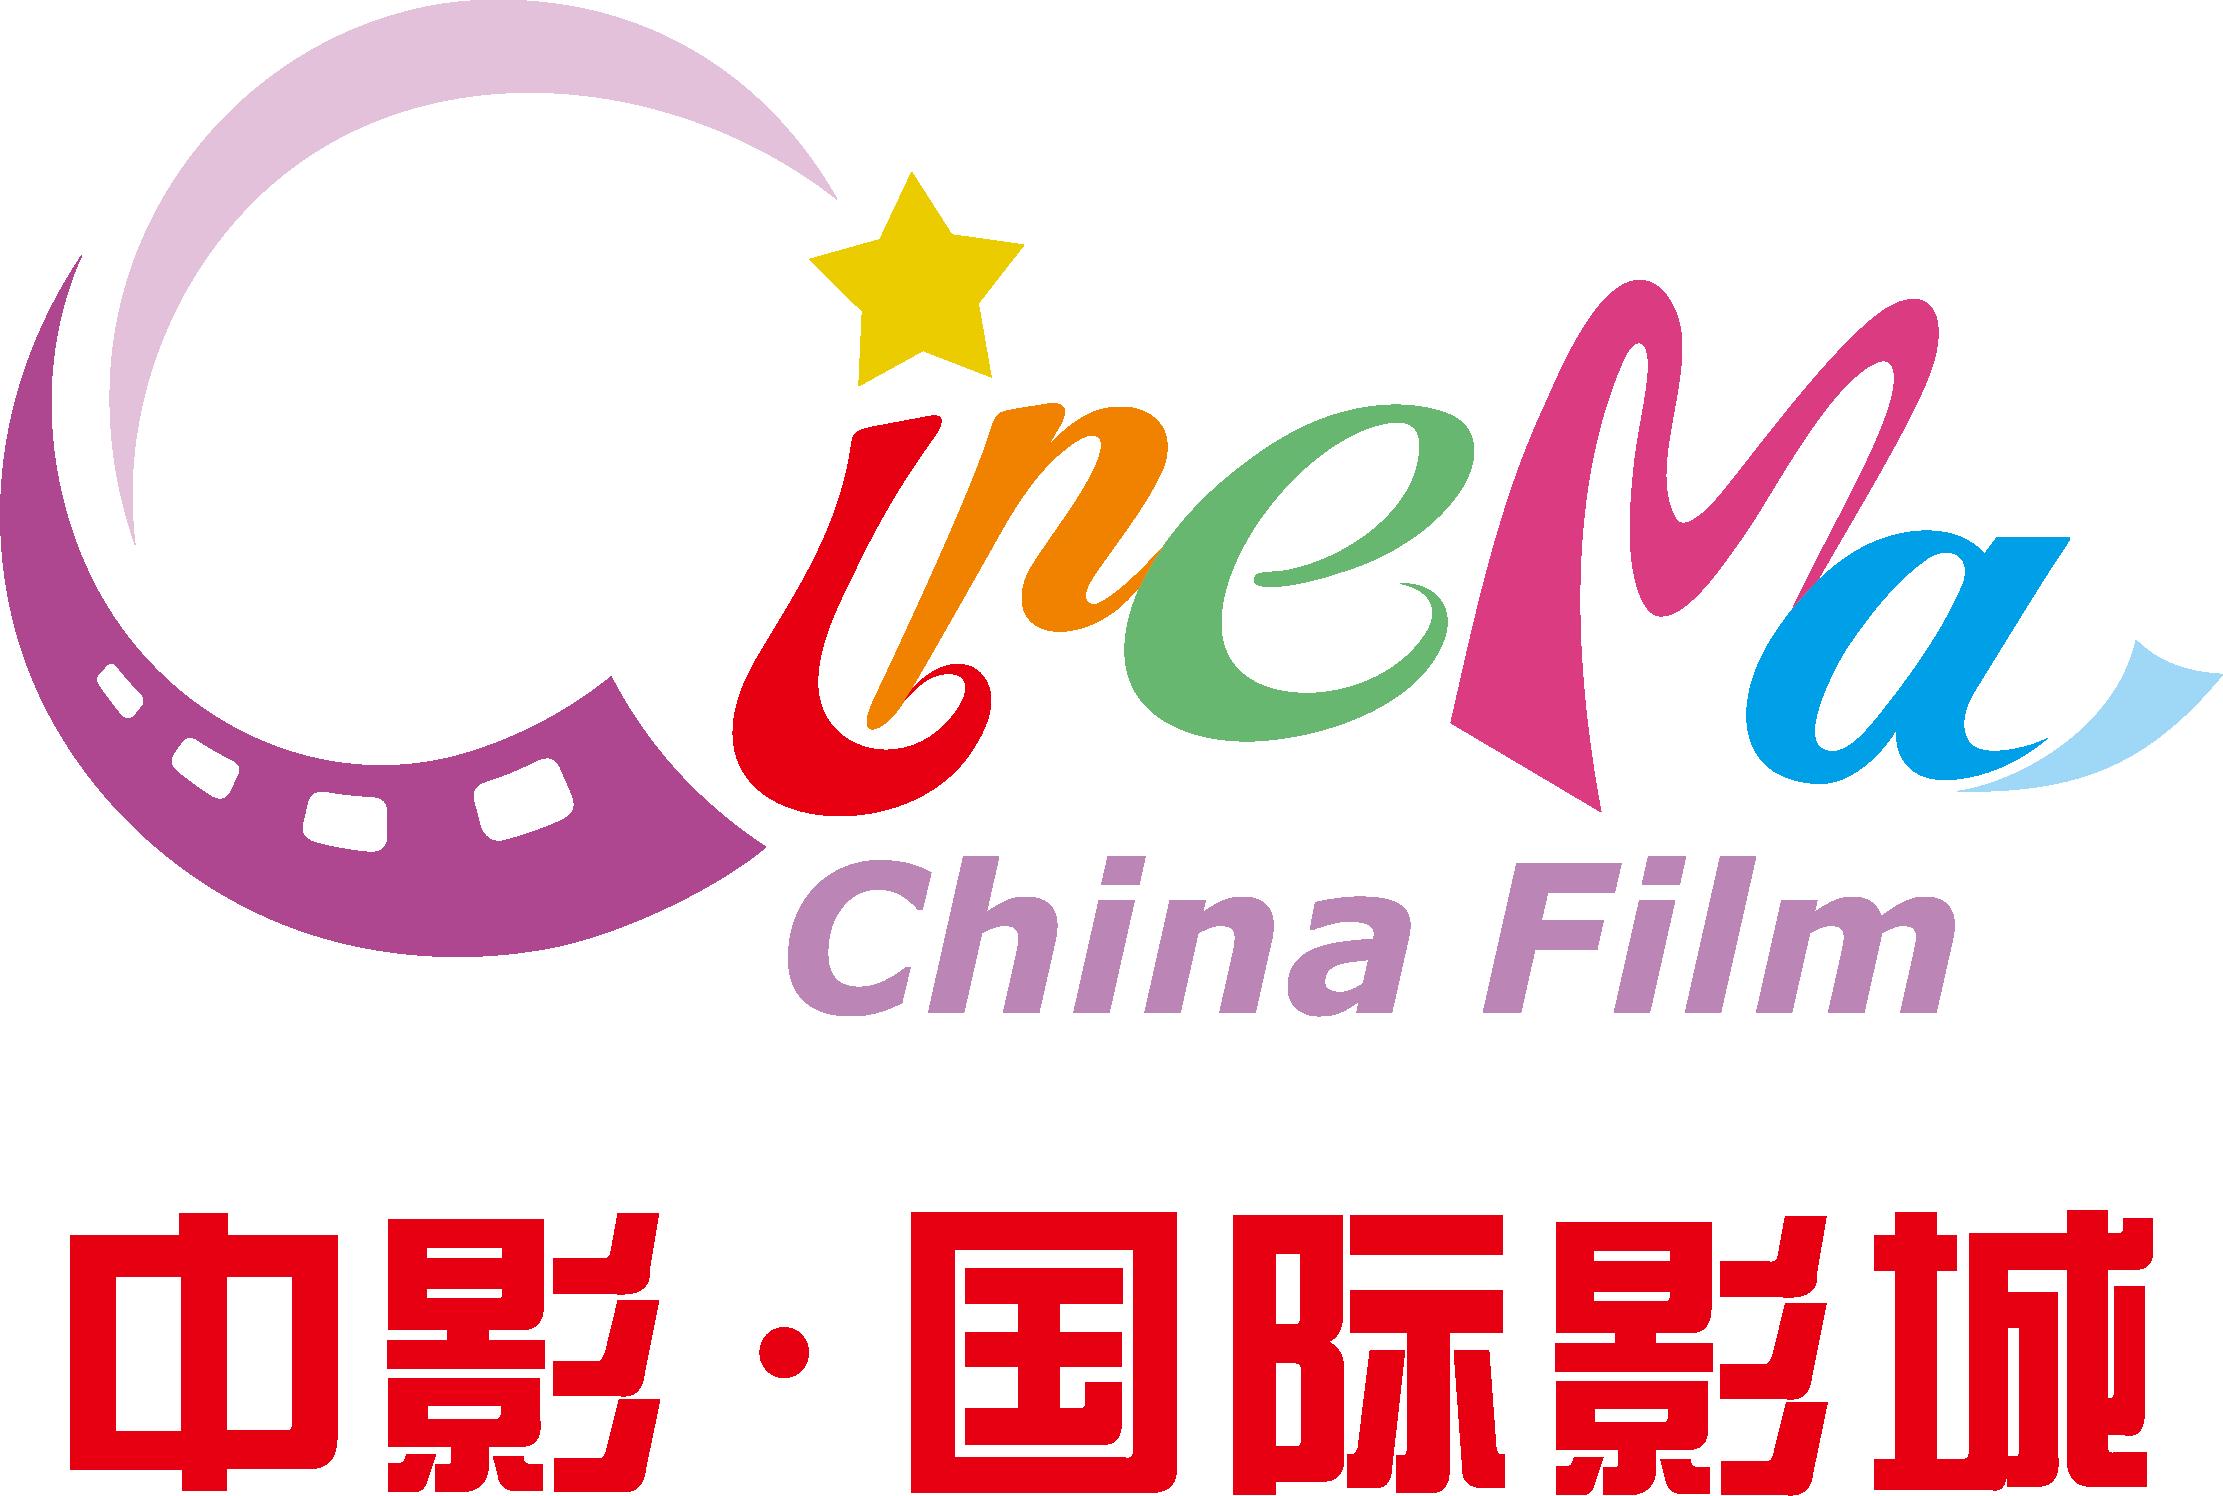 深圳市中影环银电影院有限公司